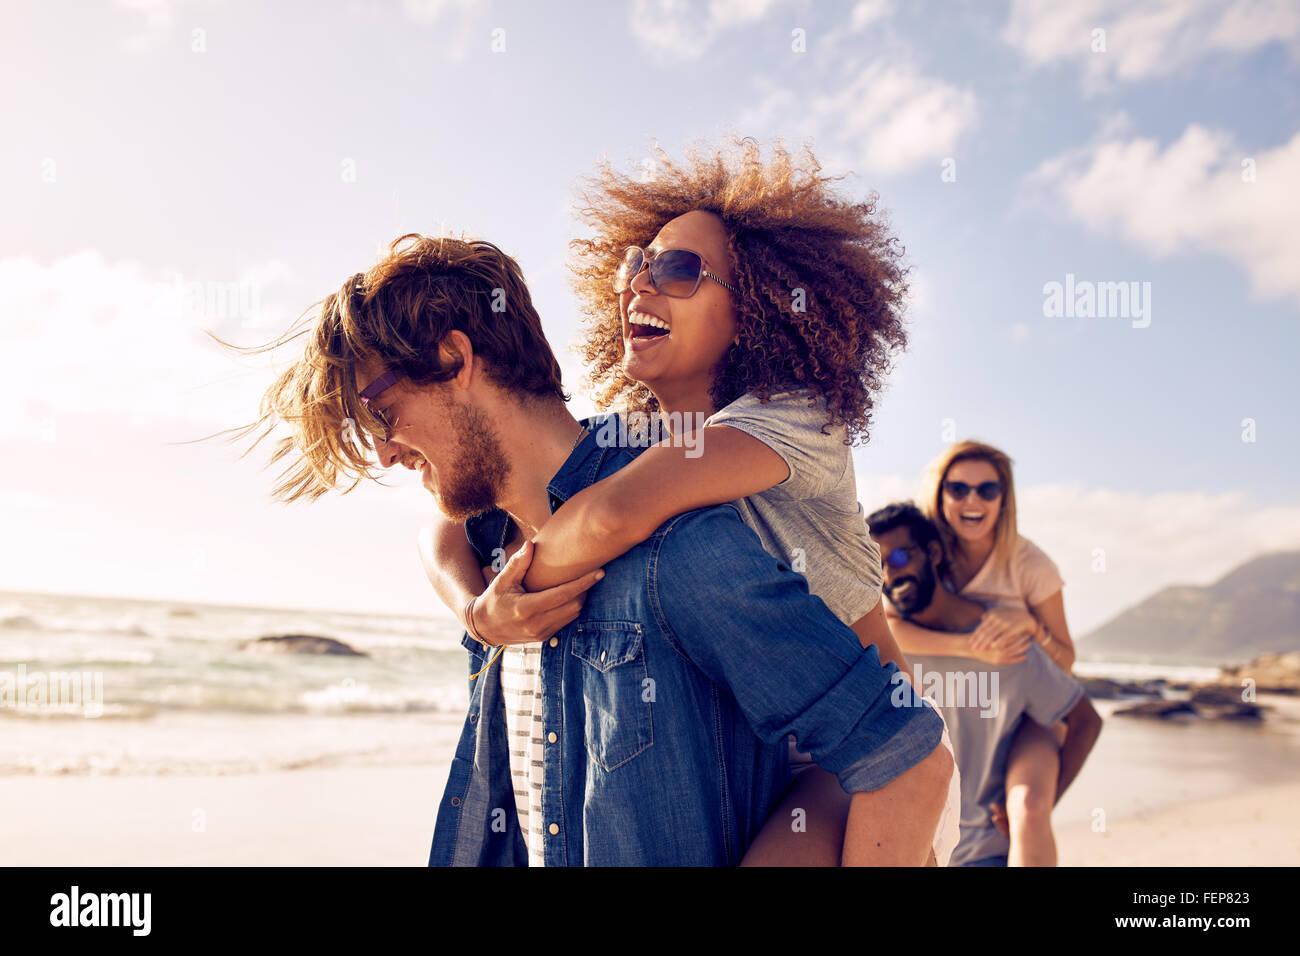 Gruppe von Freunden zu Fuß am Strand entlang, mit Männern geben Huckepack Fahrt an Freundinnen. Glückliche junge Stockfoto